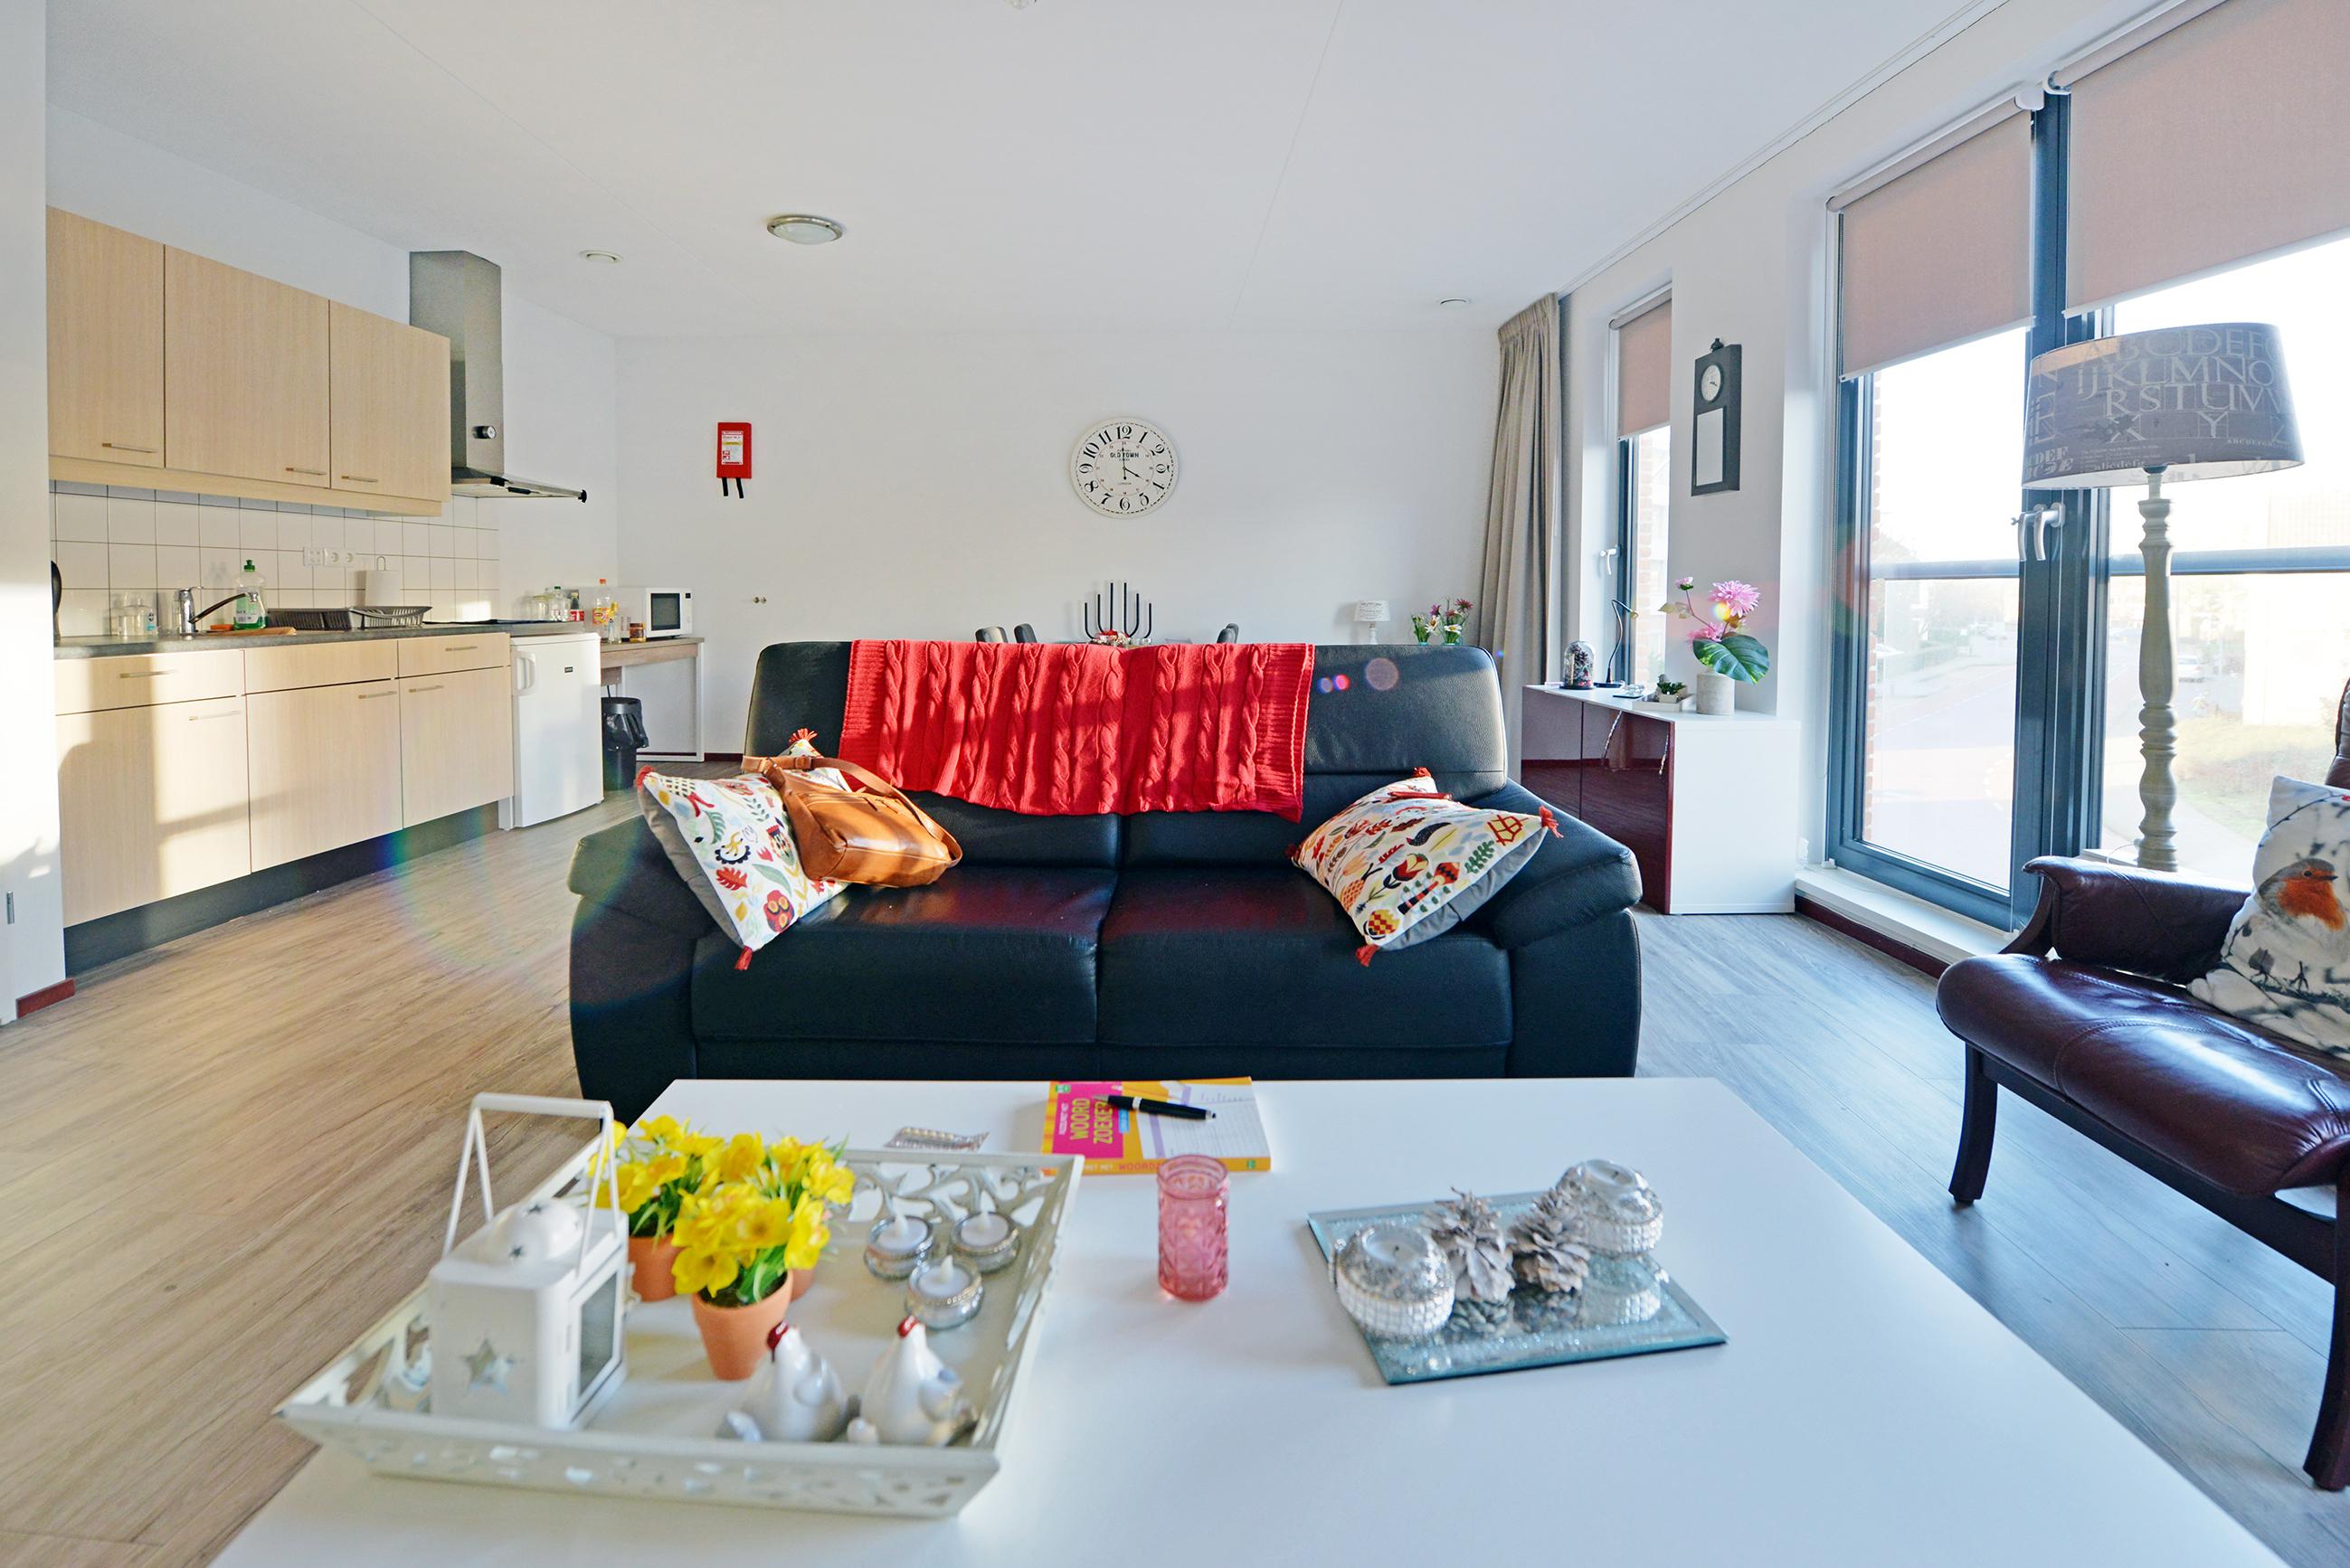 appartement-Torenstraat-Nijkerk.JPG